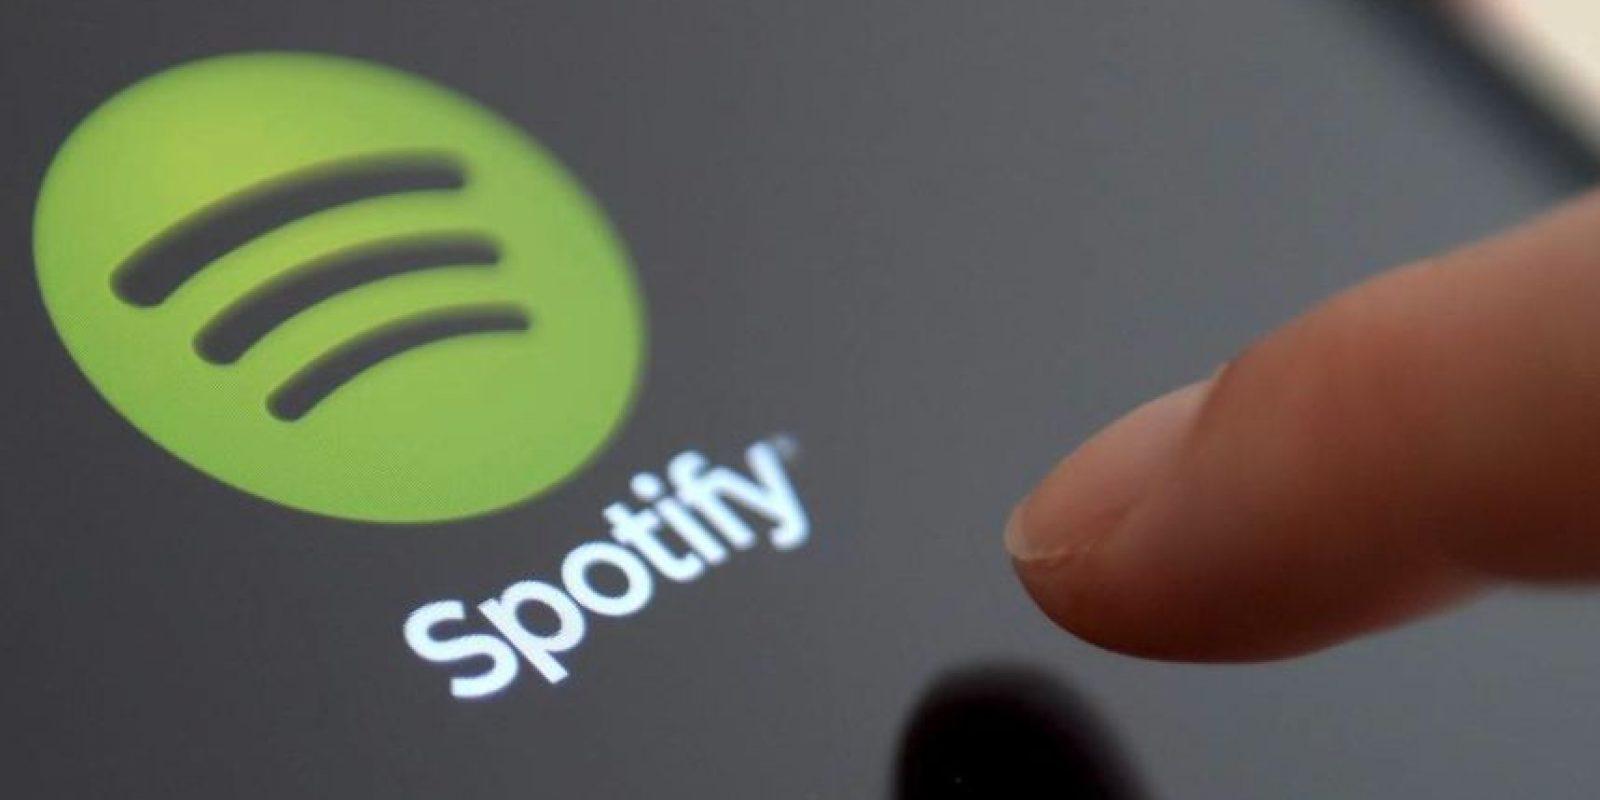 """Spotify, pese a la pérdida reportada en el mes de mayo por 1.22 billones de dólares, sigue siendo el líder actual en el servicio de """"streaming"""" musical Foto:Spotify"""